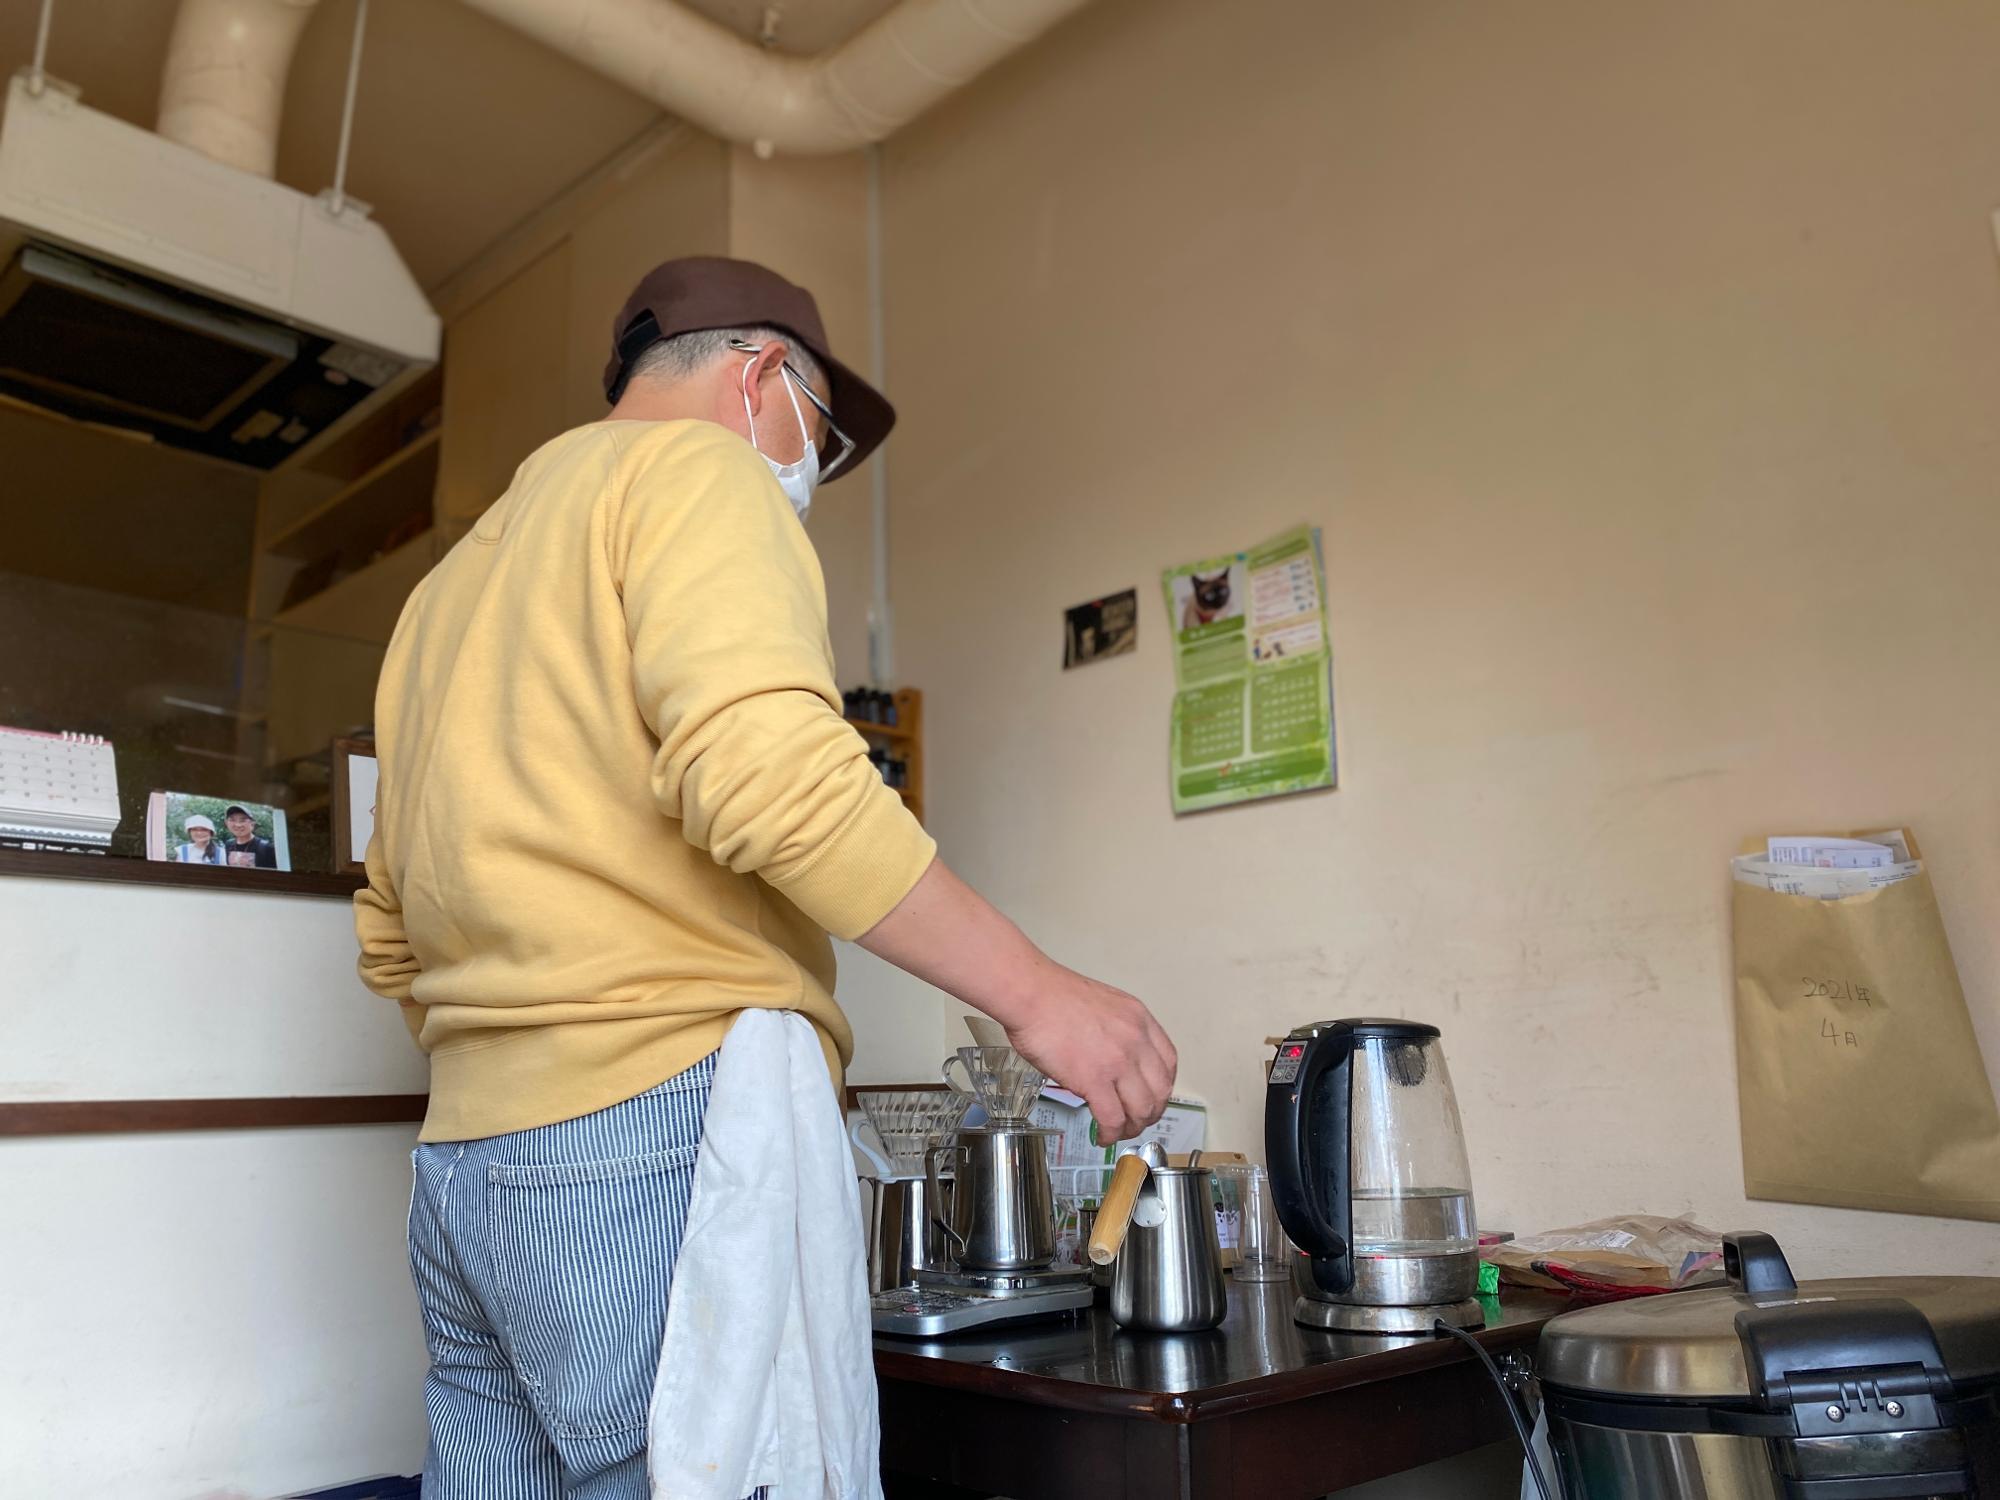 マスターがコーヒーを丁寧に淹れている間に、お料理担当のみぃさんとおしゃべりできて楽しい